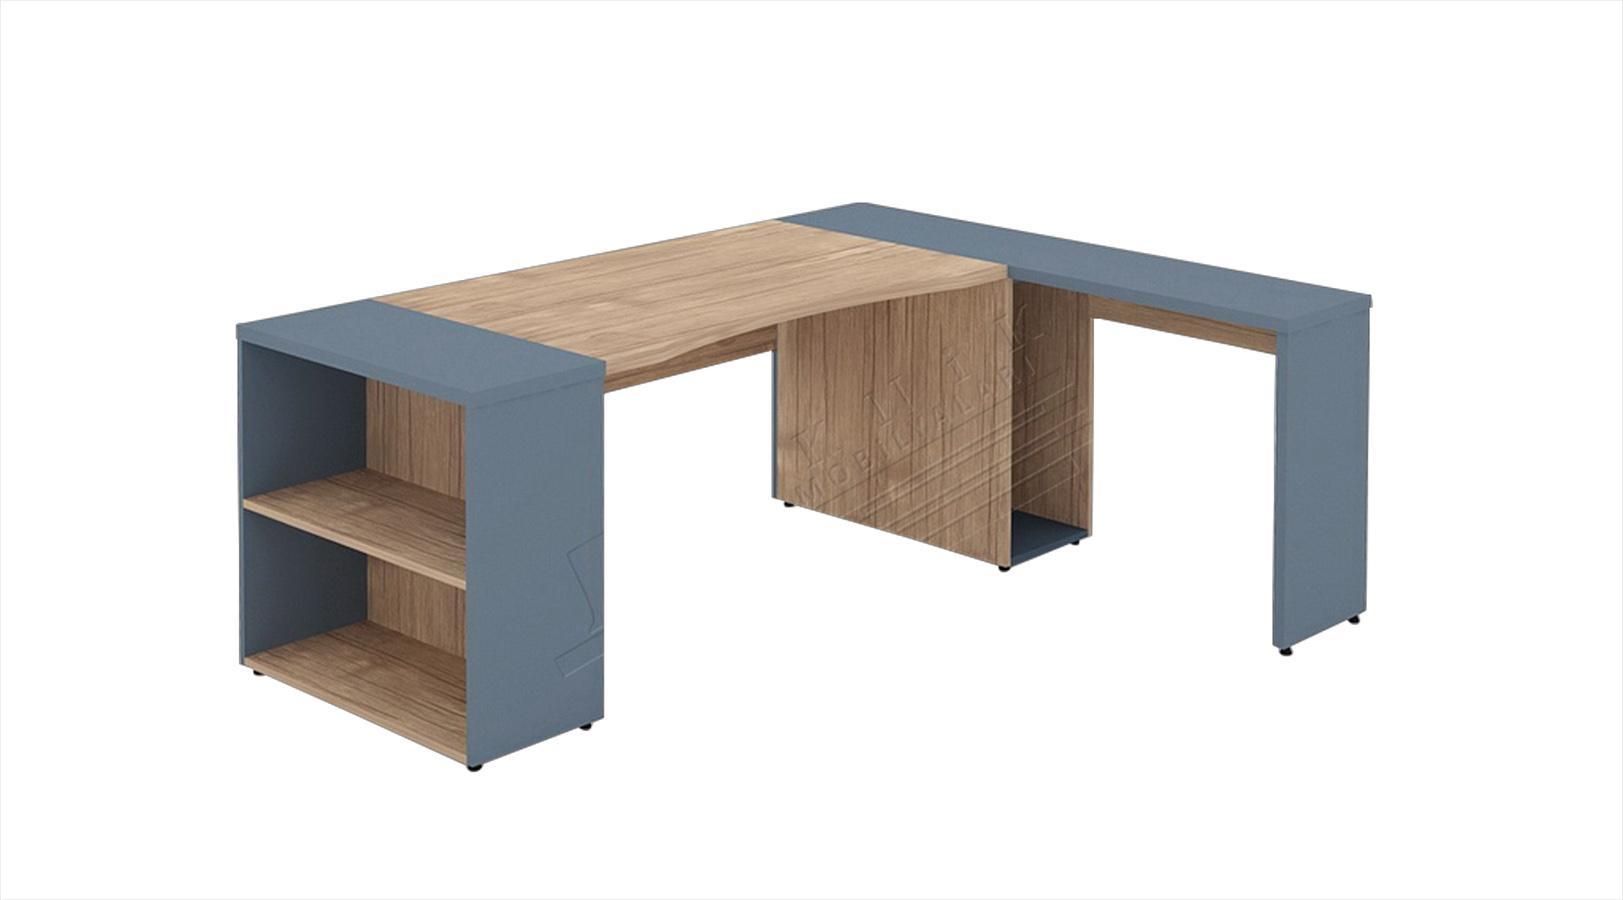 mahi yönetici masası 180cm